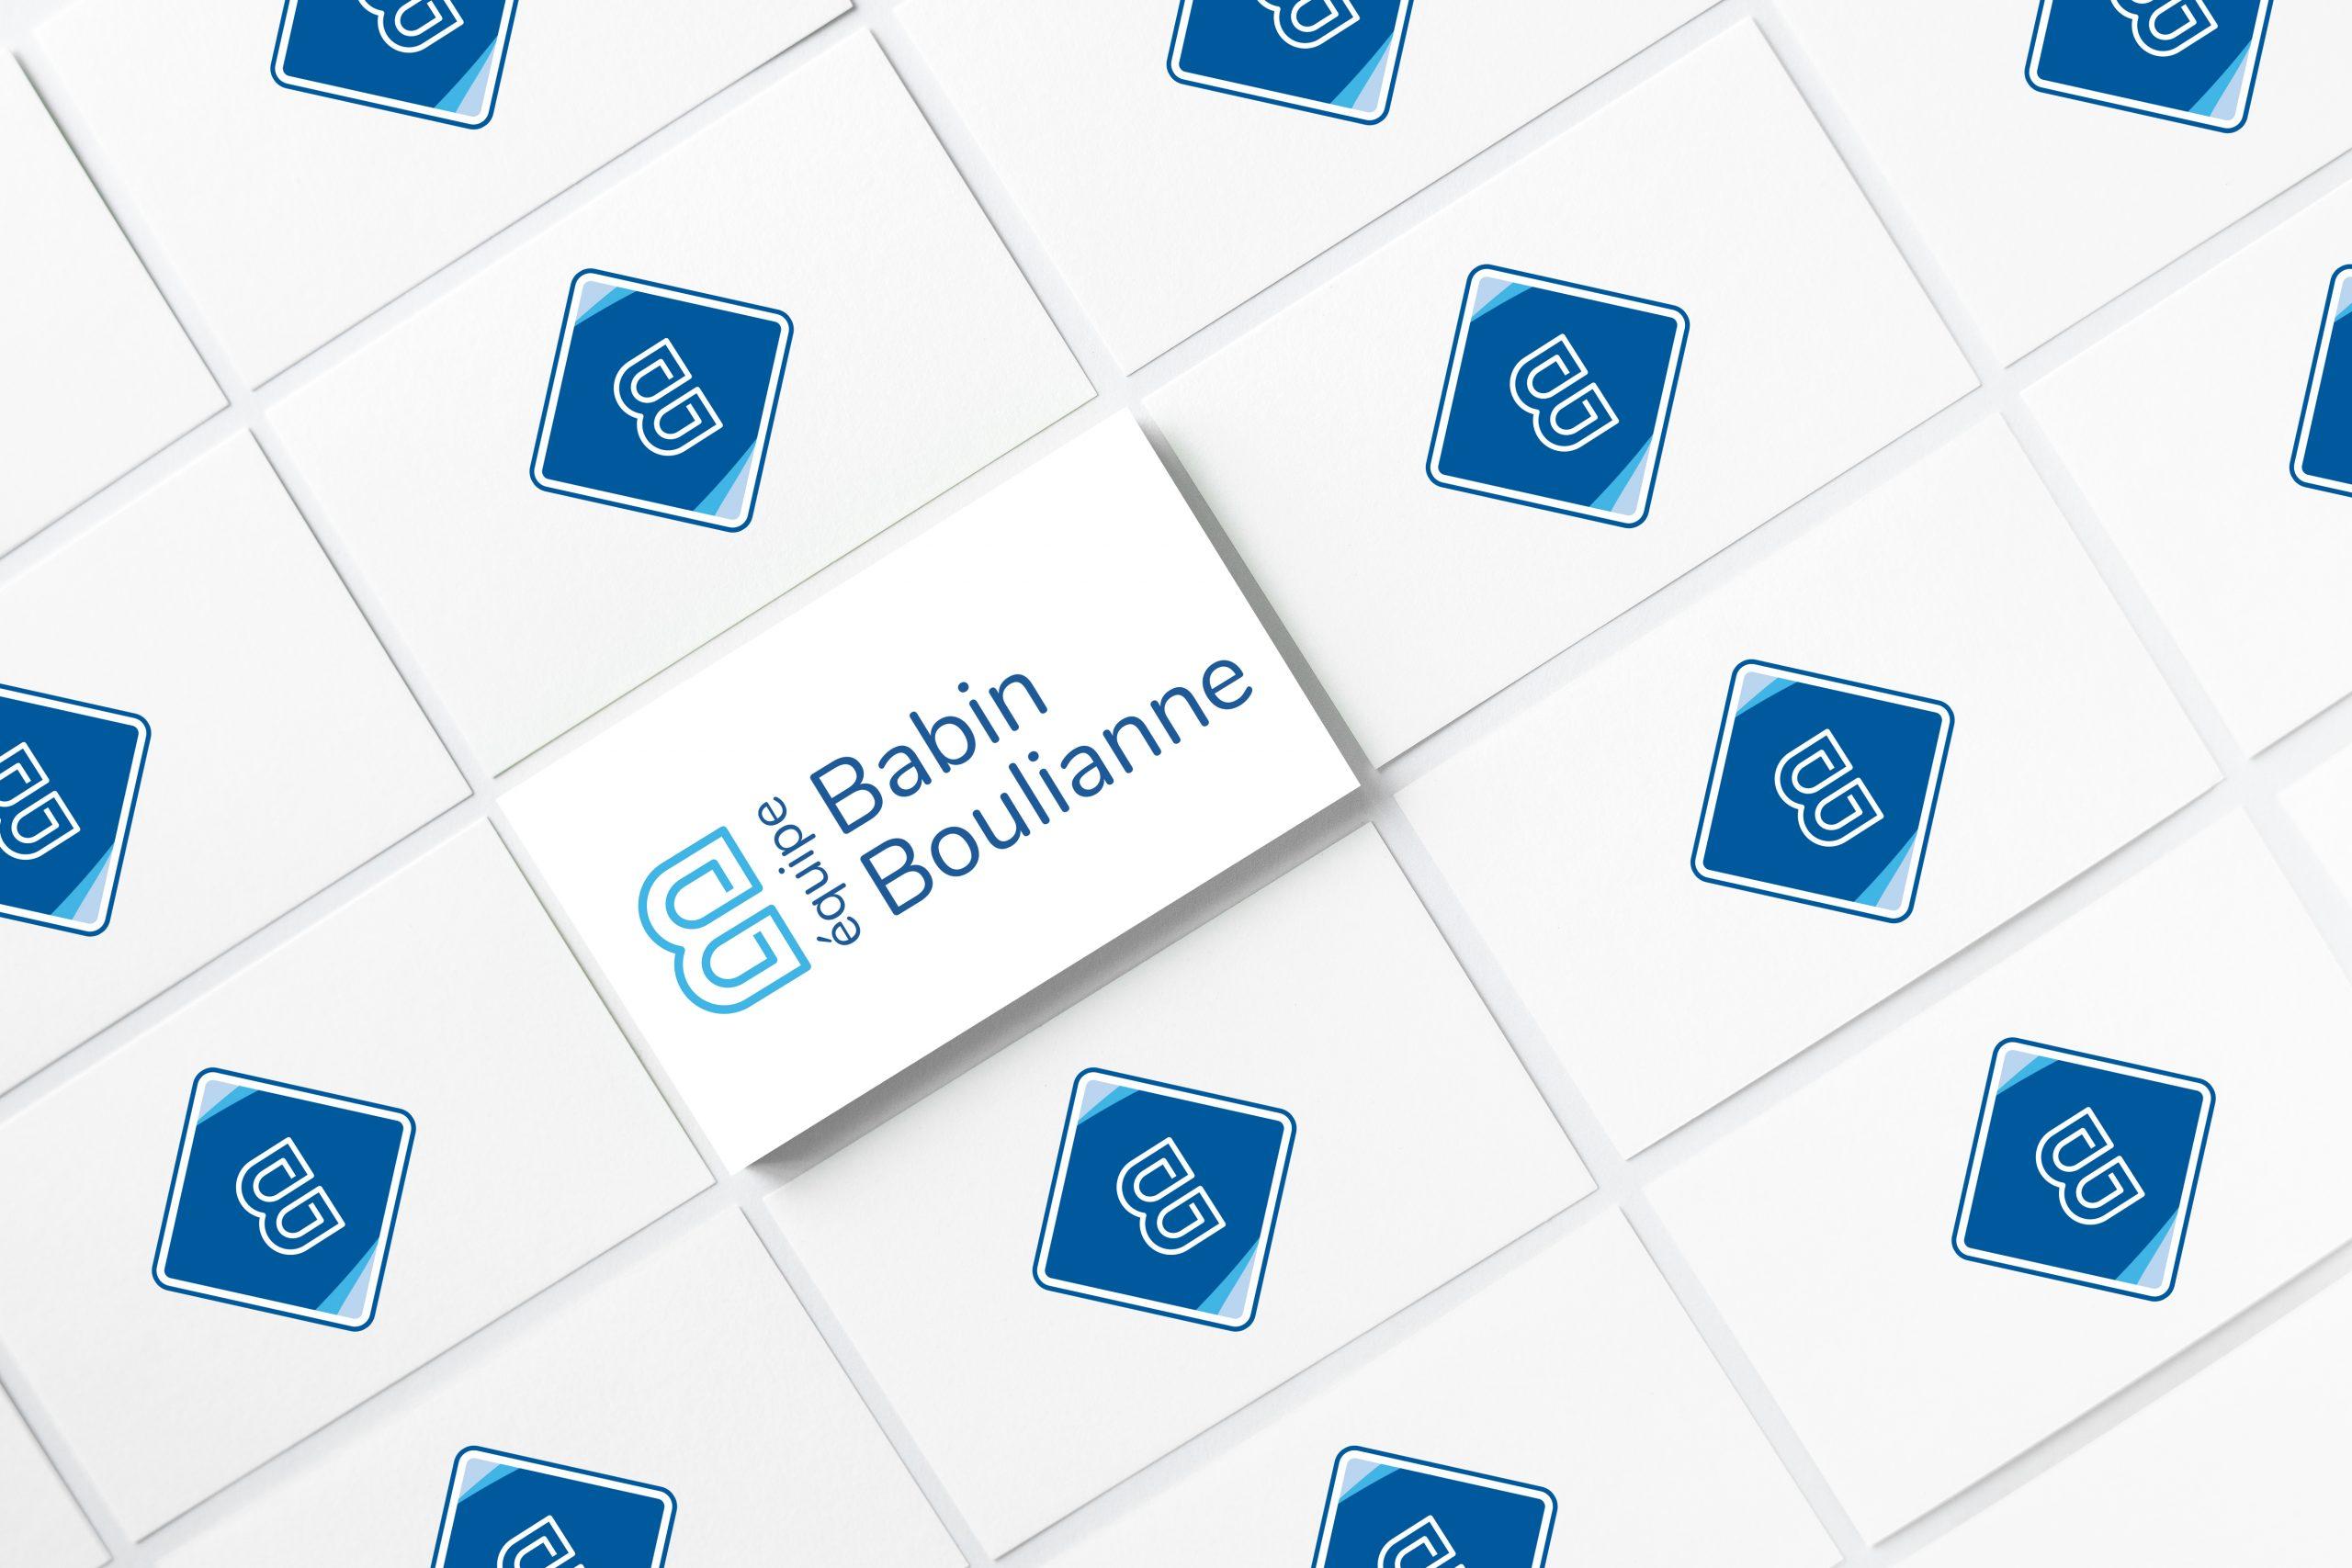 Babin Boulianne